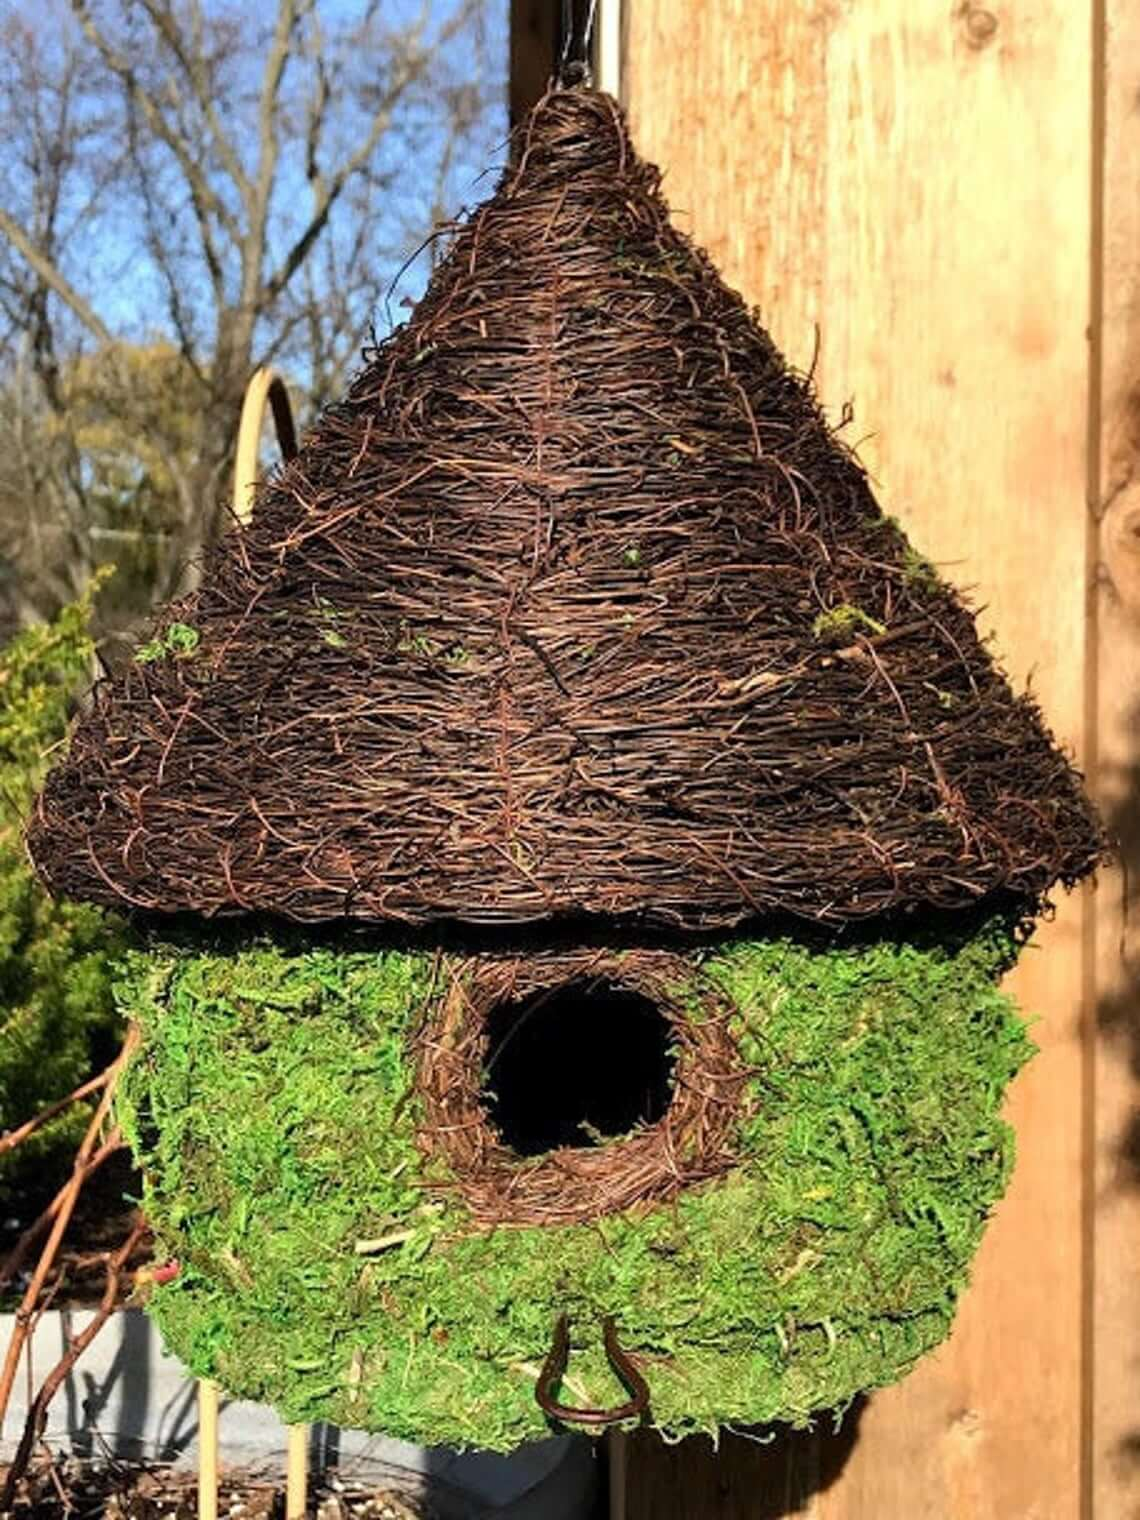 Unique Natural Moss Yurt-Style Birdhouse